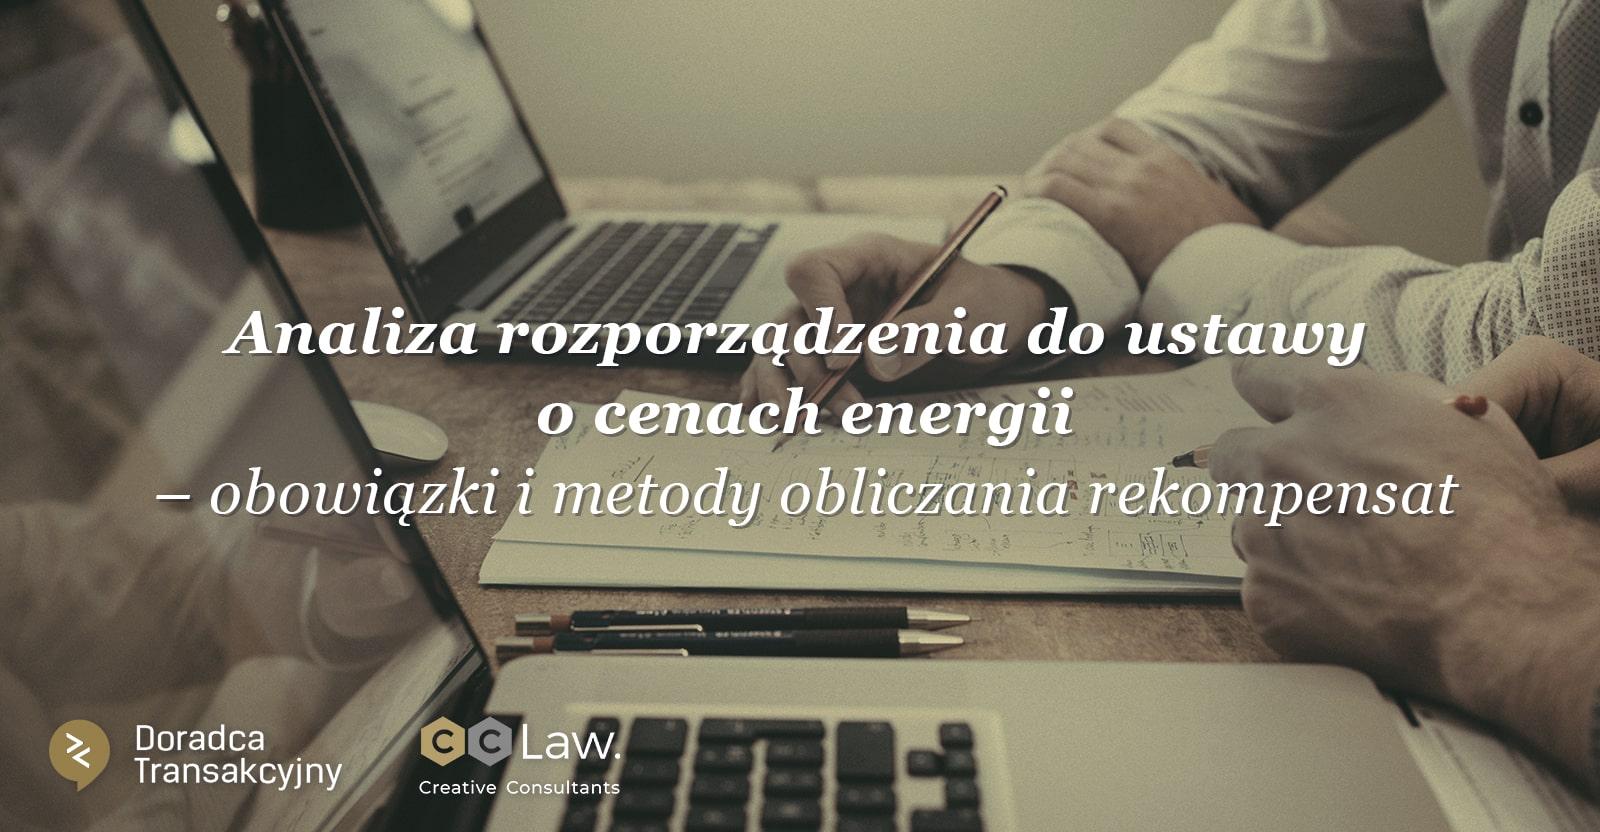 rozporządzenie do ustawy o cenach energii - rekompensaty